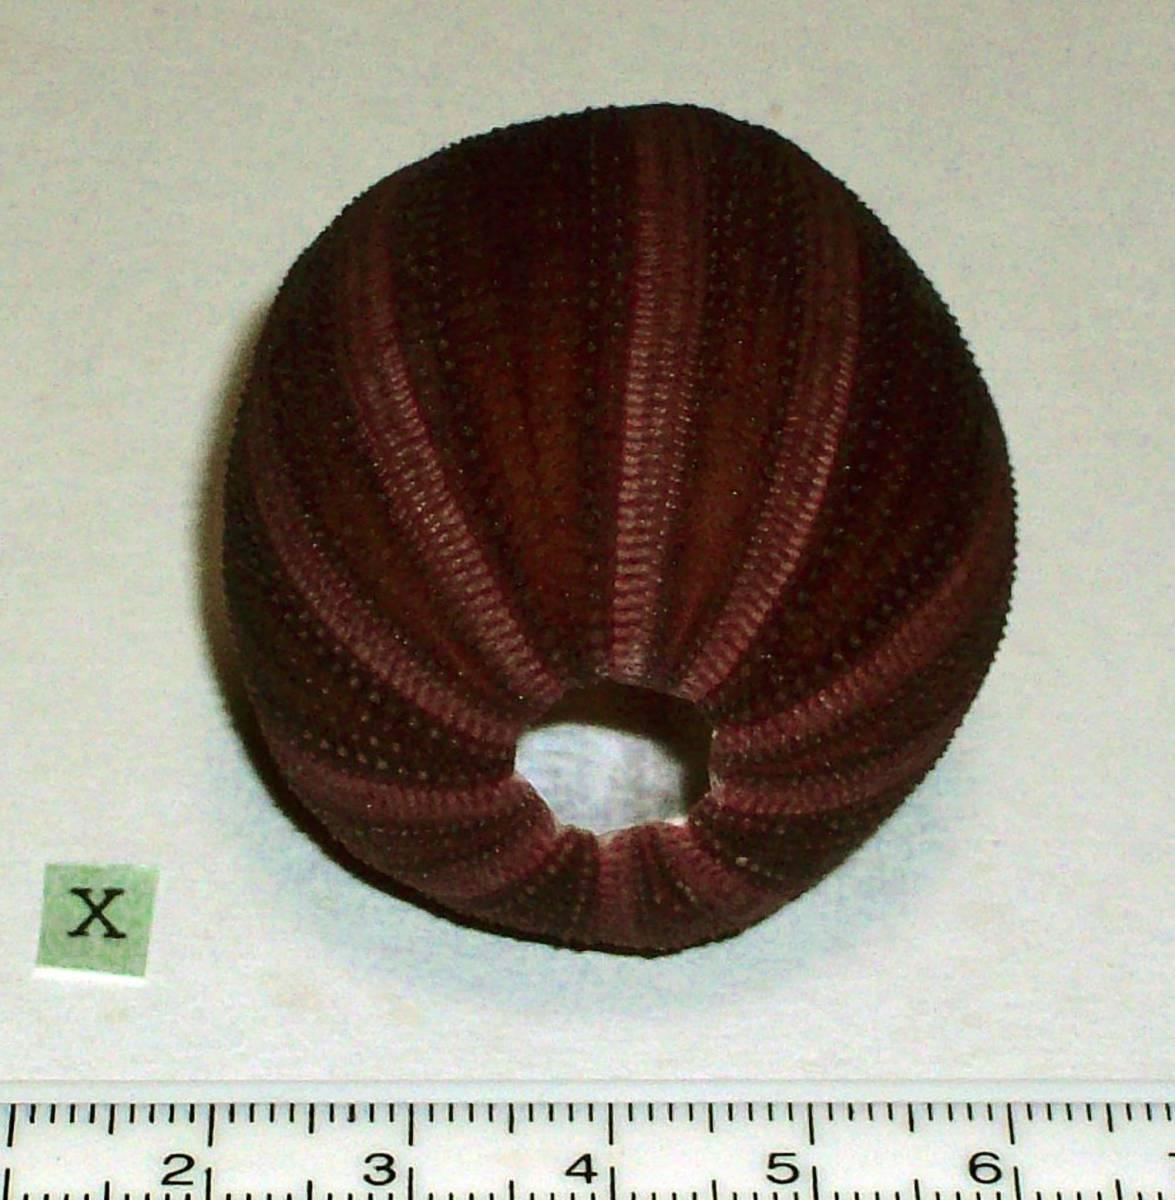 ☆☆☆ X ウニの殻 ウニ殻 高さ4.5cm位 オーストラリア 検 インテリア 骨格標本 カシパン 貝殻 貝_画像3